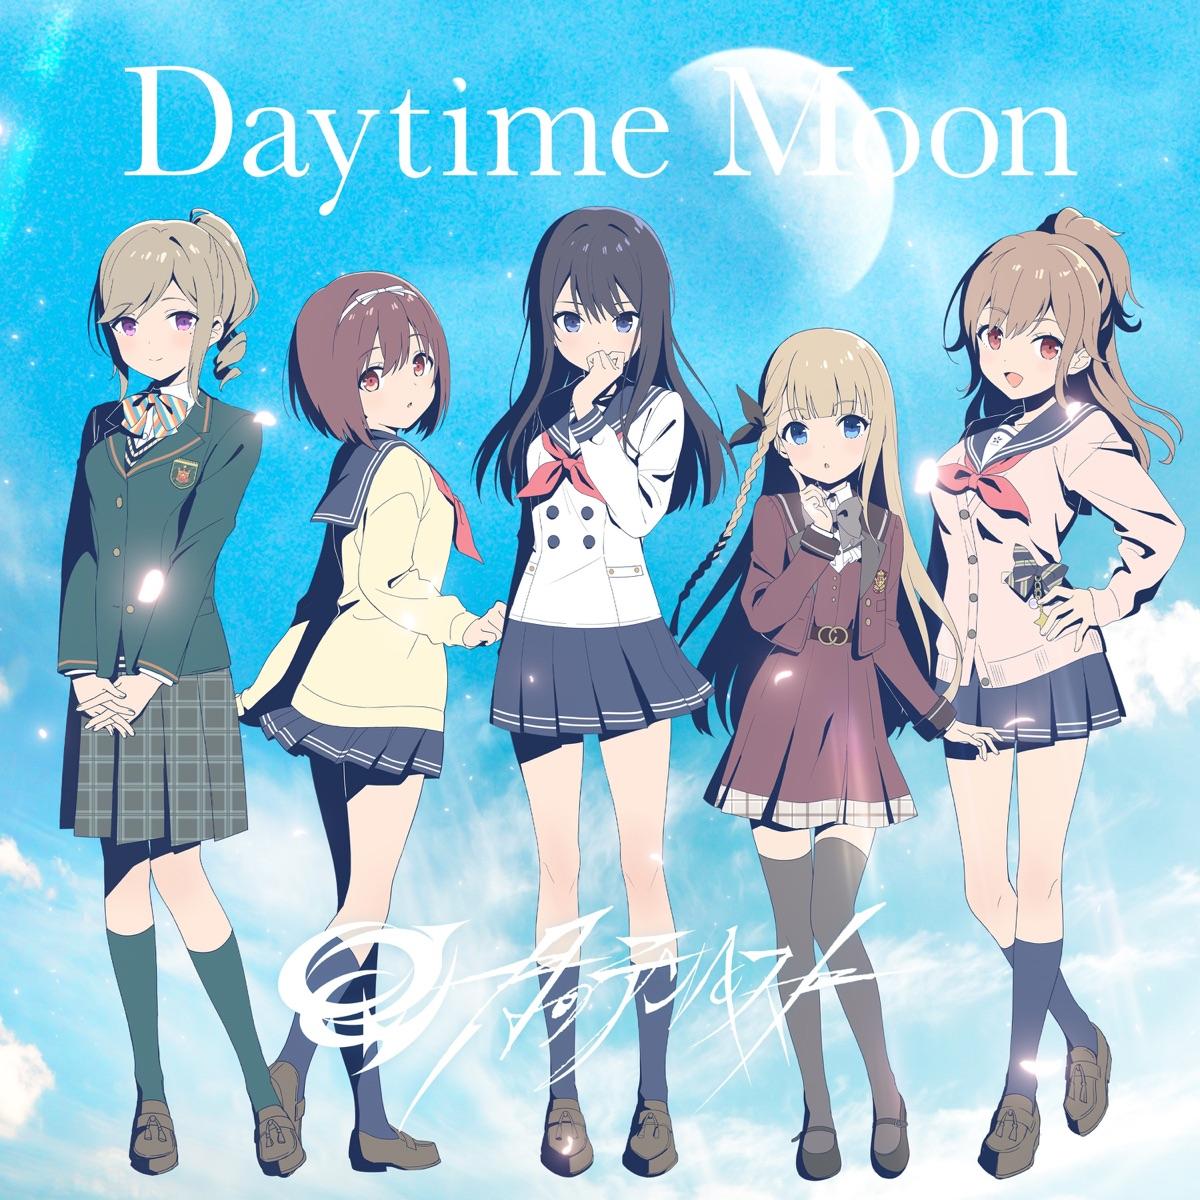 『月のテンペスト - Daytime Moon』収録の『Daytime Moon』ジャケット